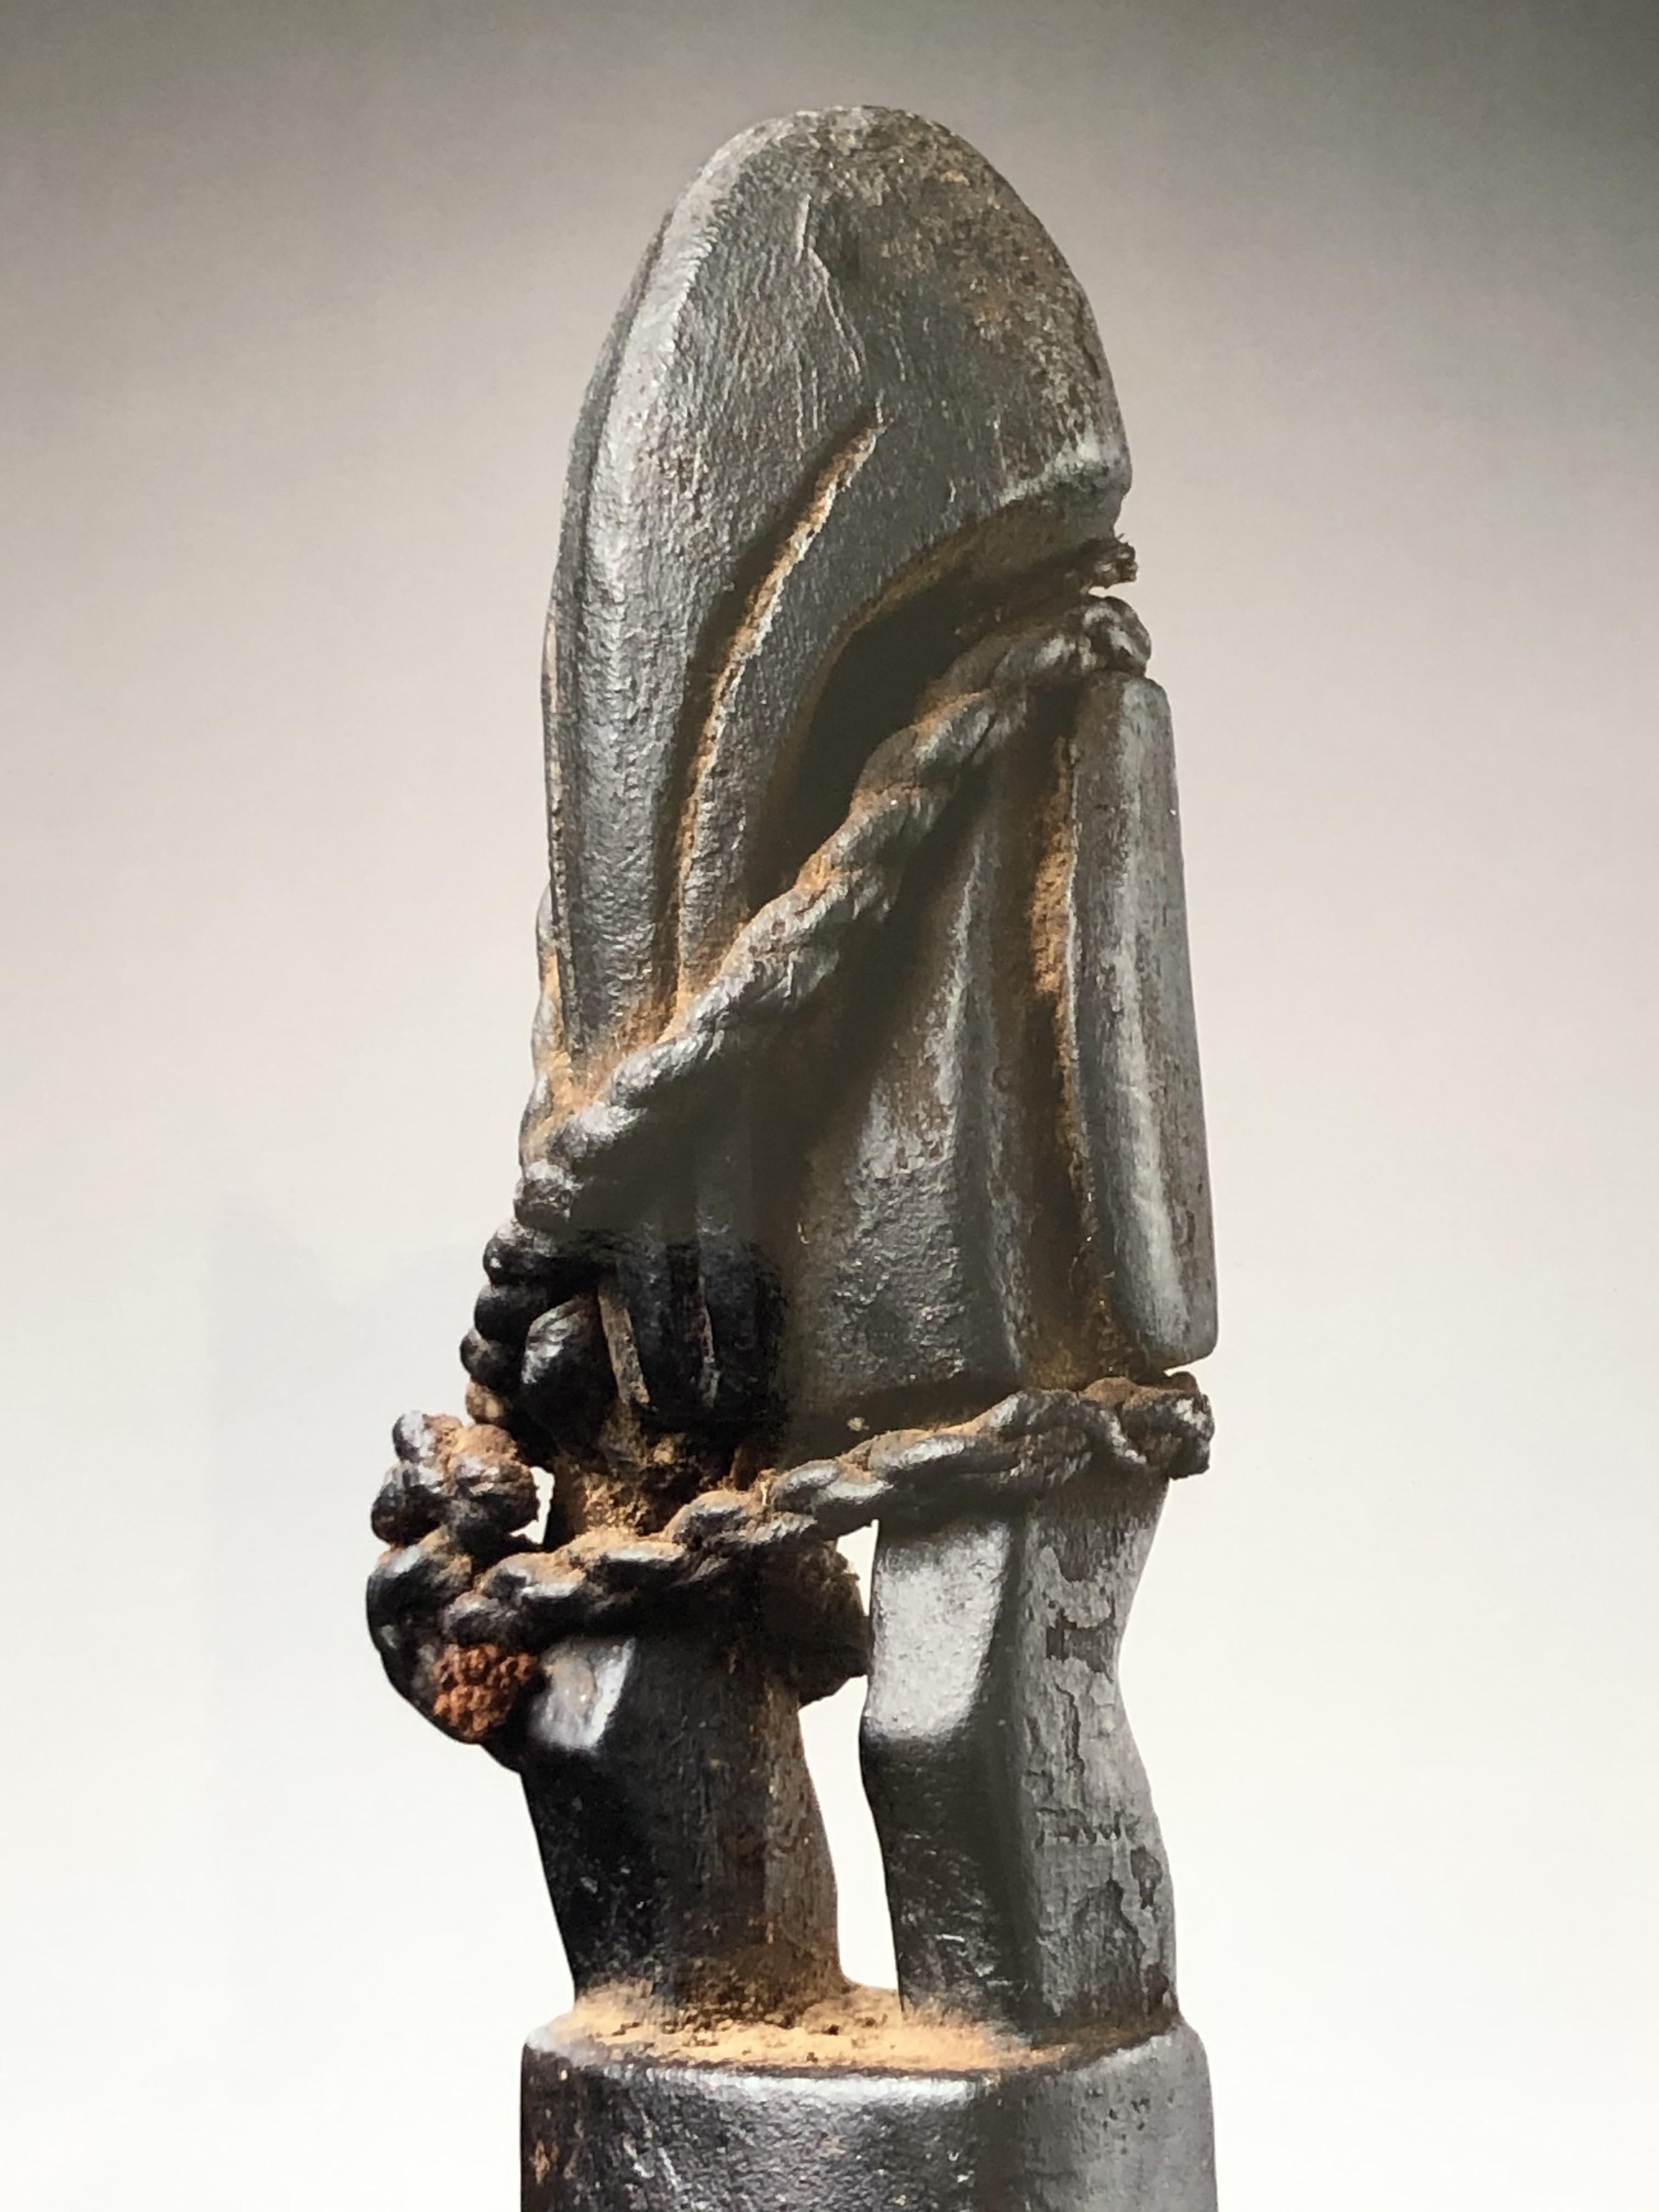 Trompette Senoufo, mali Bois, corde, H: 80 cm Provenance: Olivier Castellano.